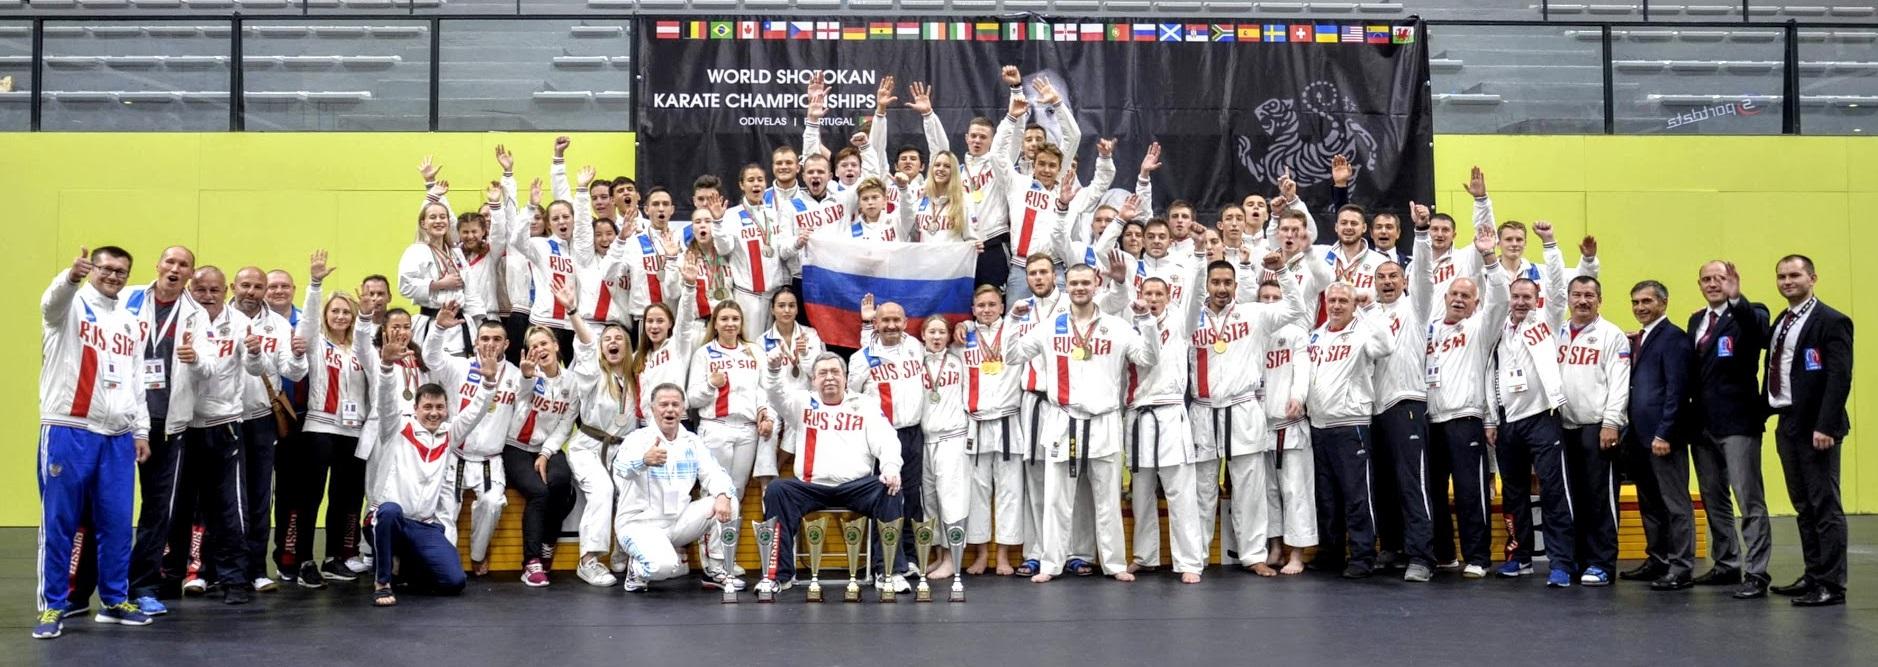 Уверенная победа российских спортсменов на Чемпионате Мира по Сётокан (WSKA)